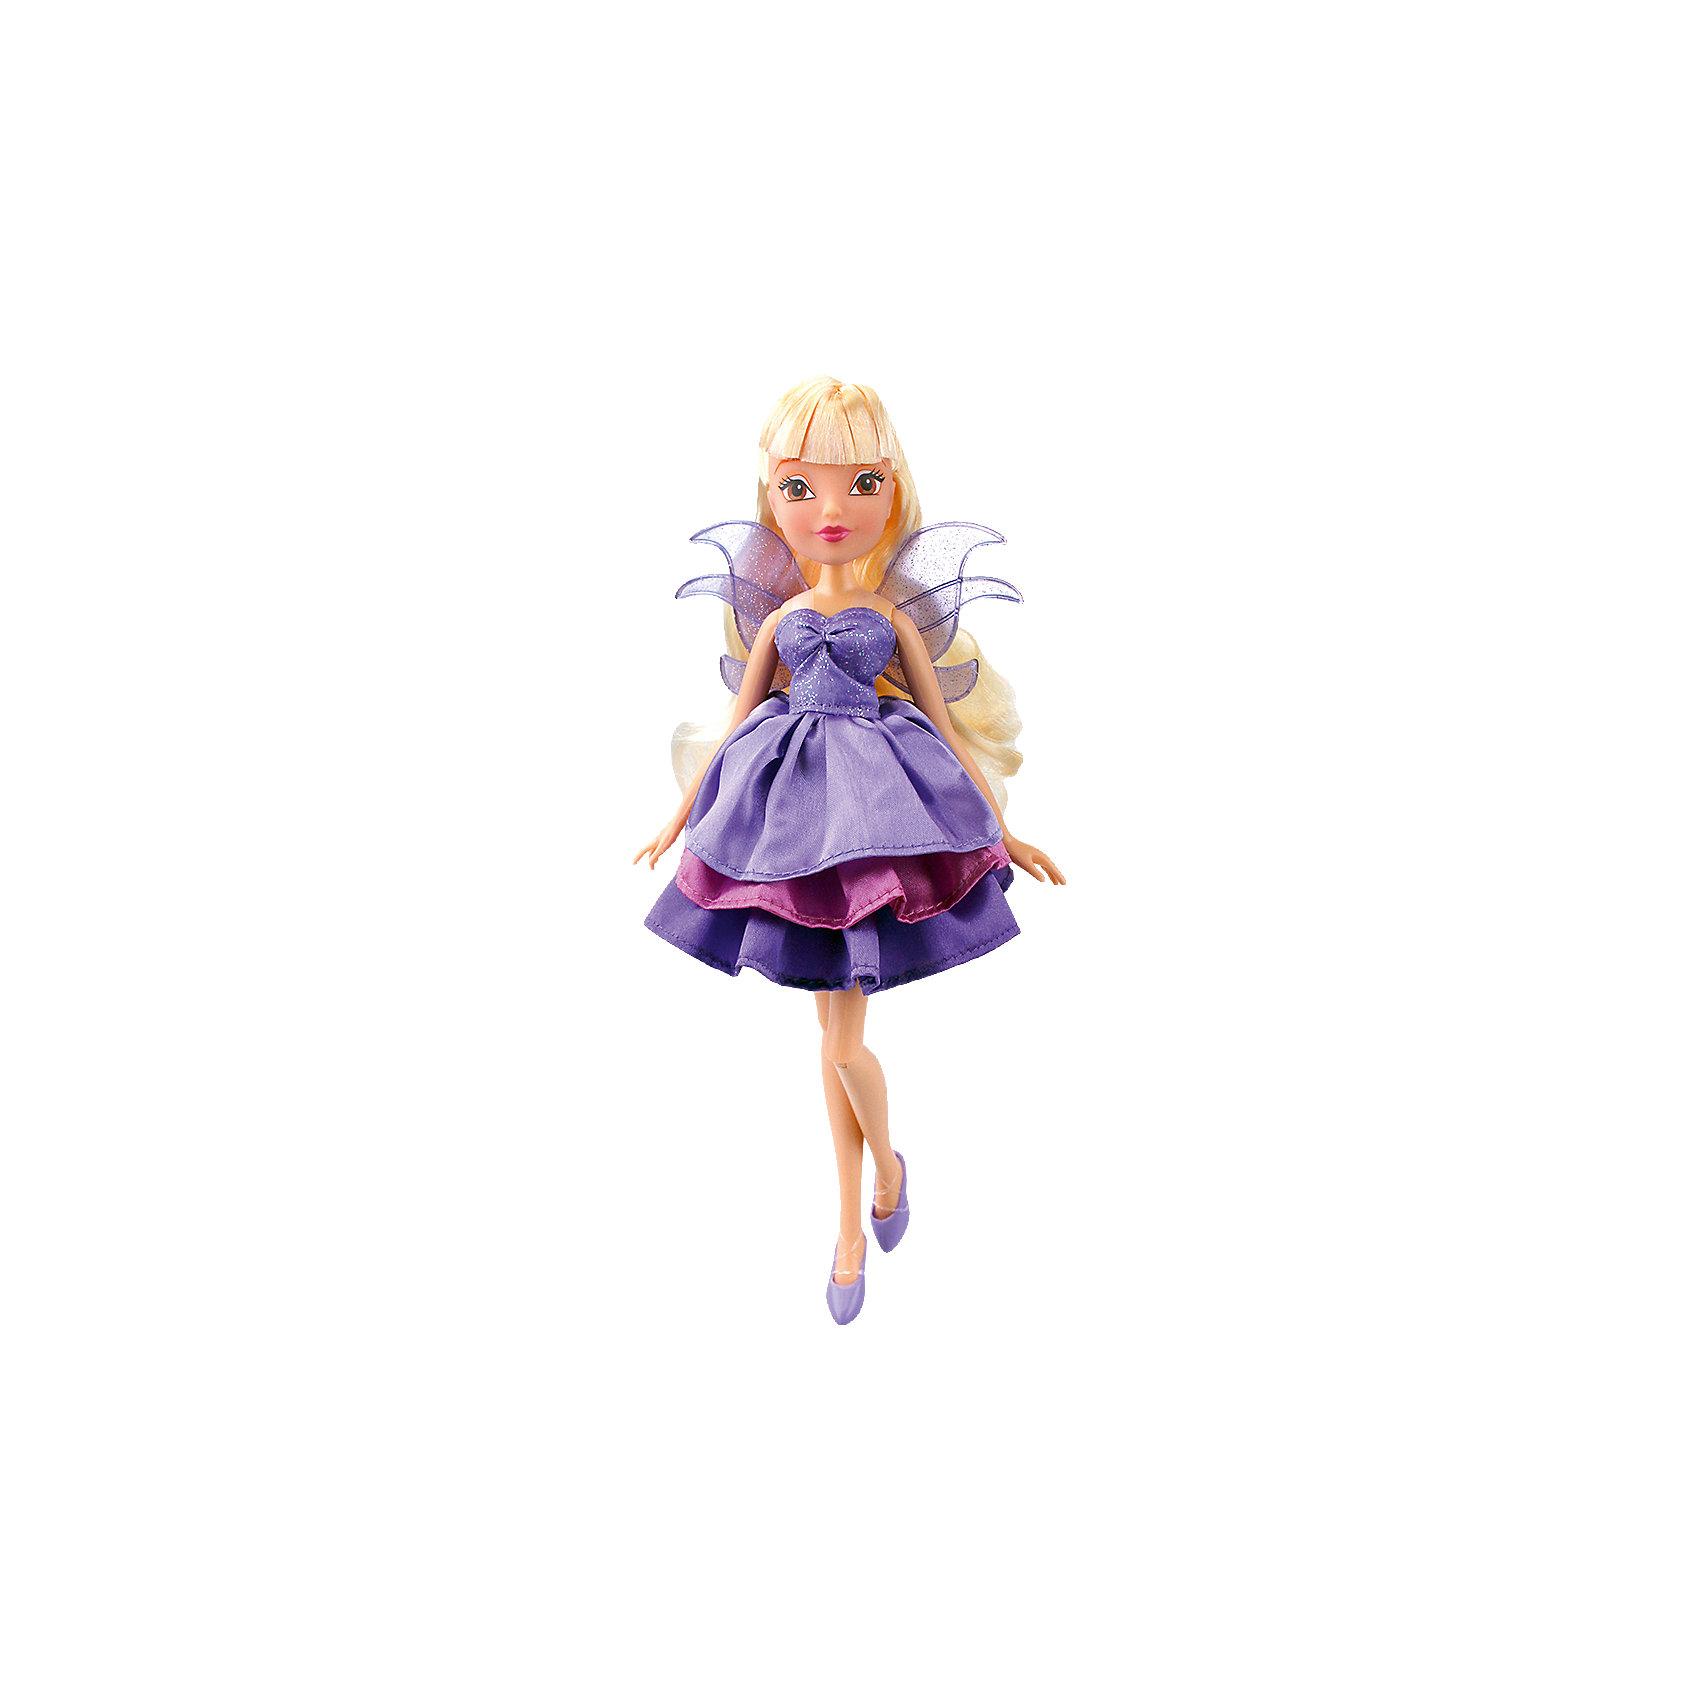 Кукла Стелла Волшебное платье, Winx ClubКуклы-модели<br>Характеристики товара:<br><br>• возраст: от 3 лет;<br>• материал: пластик, текстиль;<br>• в комплекте: кукла, платье, 2 заколки;<br>• высота куклы: 27 см;<br>• размер упаковки: 35,5х21х6 см;<br>• вес упаковки: 304 гр.;<br>• страна производитель: Китай.<br><br>Кукла Стелла «Волшебное платье» Winx Club создана по мотивам известного мультсериала «Клуб Винкс: Школа волшебниц» про очаровательных фей-волшебниц. Стелла — лучшая подруга главной героини Блум, с которой она любит смотреть комедии, устраивать вечеринки и ходить по магазинам. <br><br>У феи карие выразительные глаза и светлые волосы с челкой. Аксессуары для волос помогут девочке придумать для Стеллы оригинальный и яркий образ. Одета кукла в фиолетовое платье с пышной юбкой, дополненное крылышками на спине. Платье одним движением превращается в длинное элегантное вечернее платье. У куклы несколько точек артикуляции. Руки сгибаются в локтях и плечах, ноги в бедрах и коленях. <br><br>Куклу Стеллу «Волшебное платье» Winx Club можно приобрести в нашем интернет-магазине.<br><br>Ширина мм: 60<br>Глубина мм: 355<br>Высота мм: 210<br>Вес г: 304<br>Возраст от месяцев: 36<br>Возраст до месяцев: 2147483647<br>Пол: Женский<br>Возраст: Детский<br>SKU: 5532627